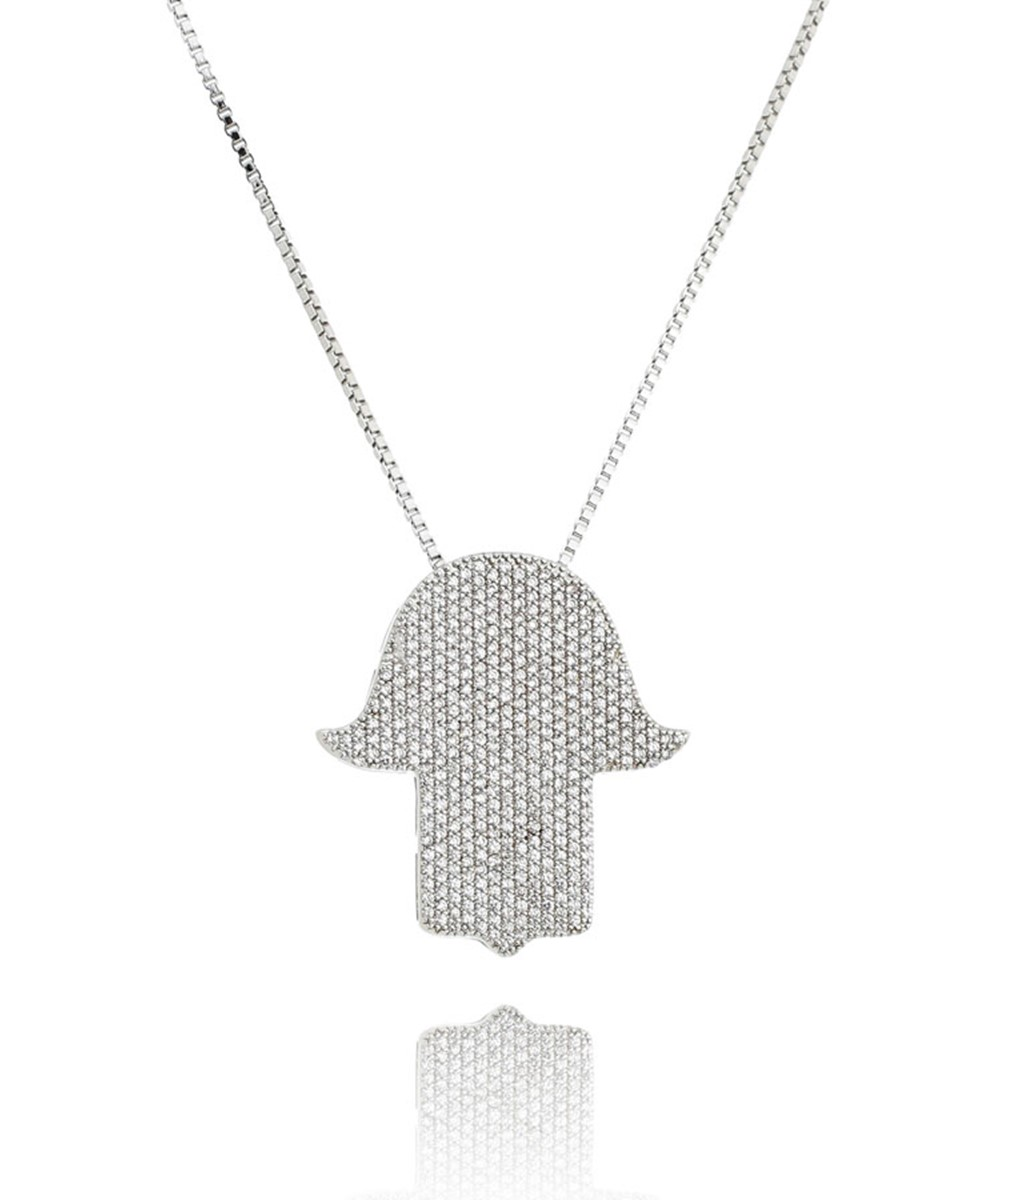 colar hamsa prata com zirconias cristais e banho de rodio semi joias online